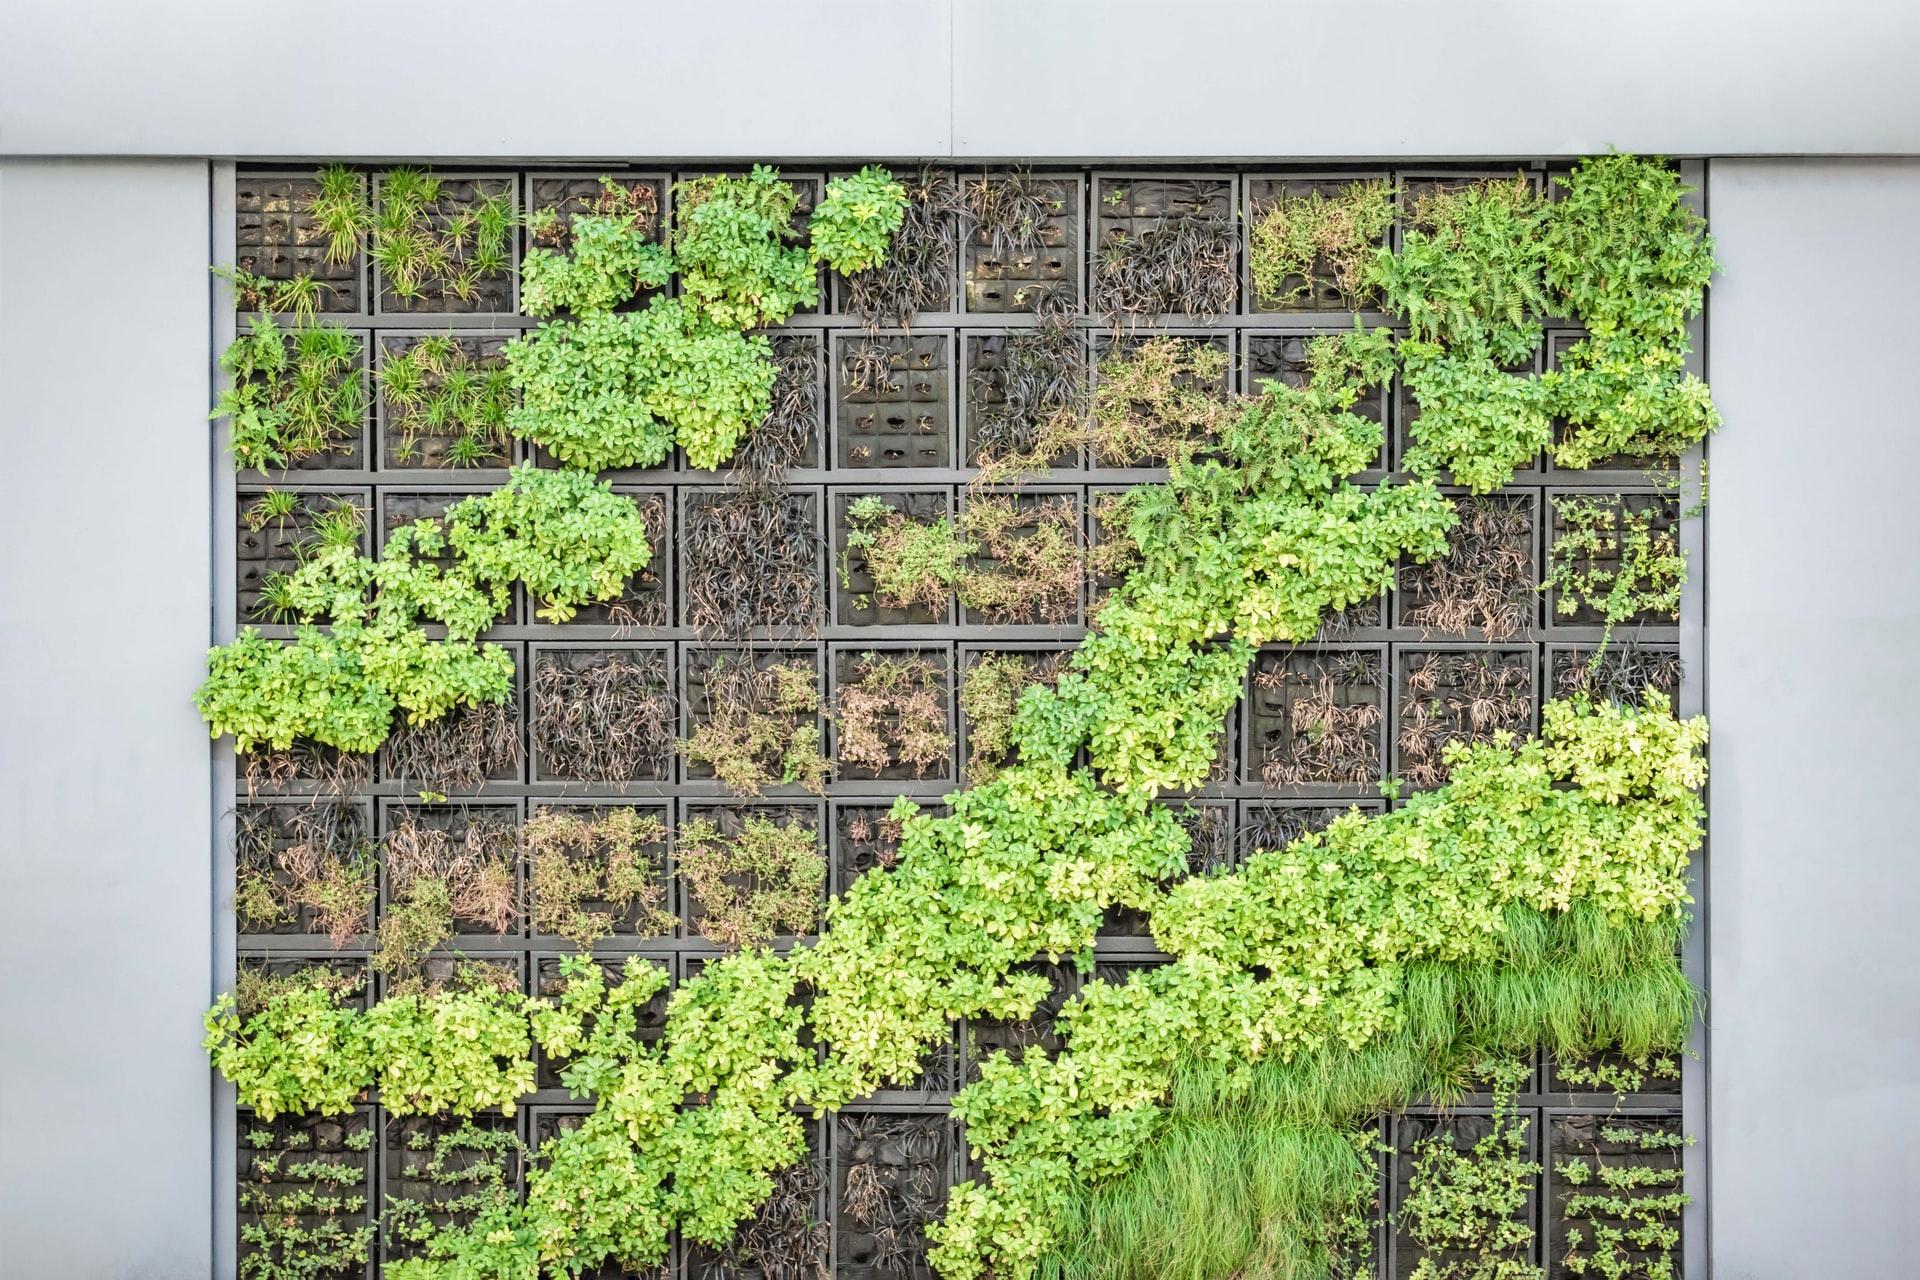 Le jardinage vertical : à l'assaut de la troisième dimension